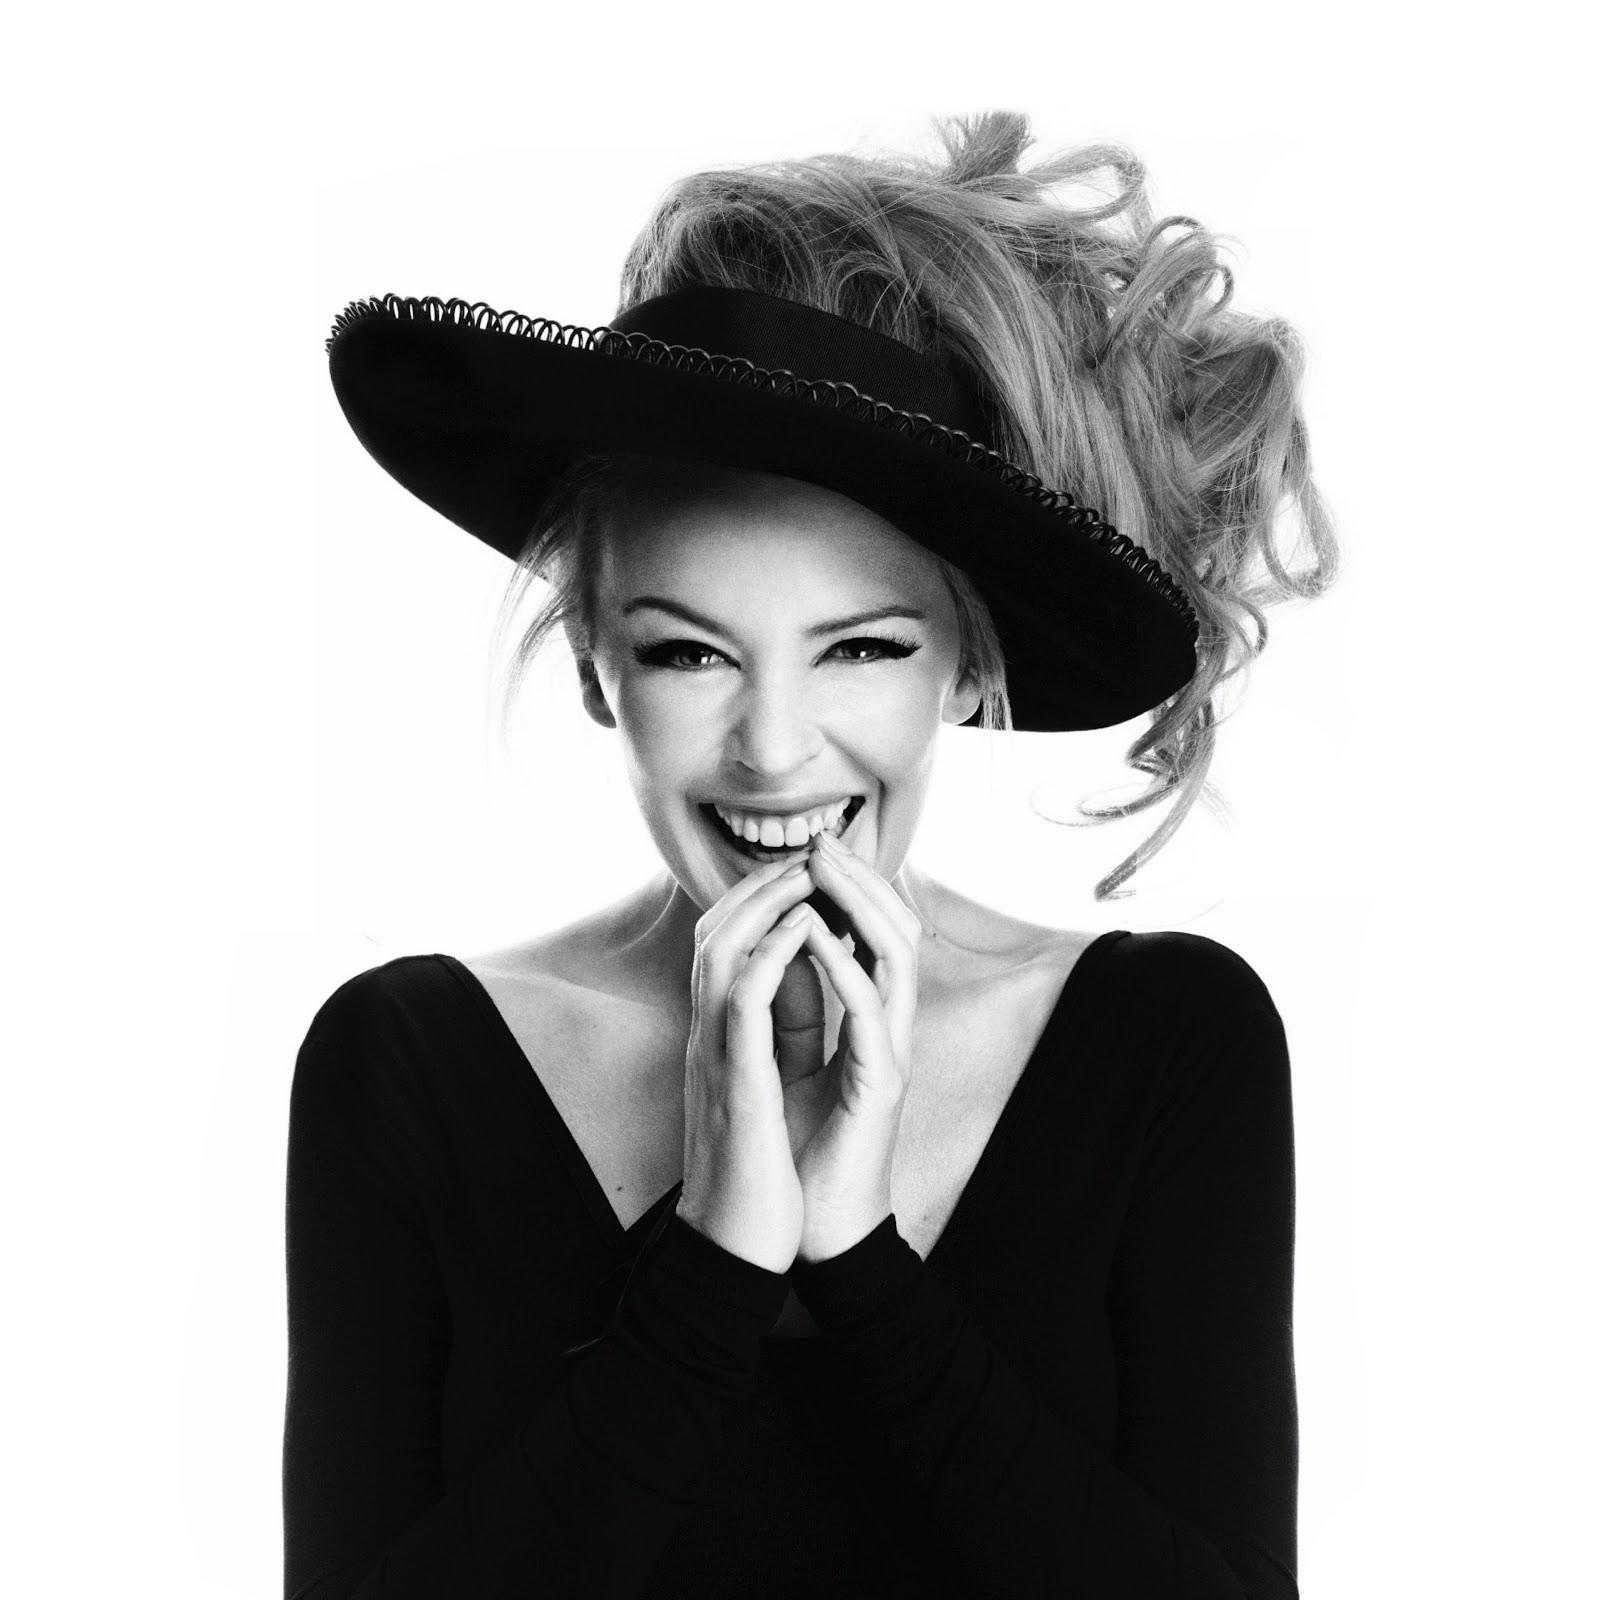 http://3.bp.blogspot.com/-Qk6itTQjbls/T08CbeR8g5I/AAAAAAAAGR4/prbj3Q2-KxE/s1600/Kylie-Stylist-29%2Bcleaned.jpg